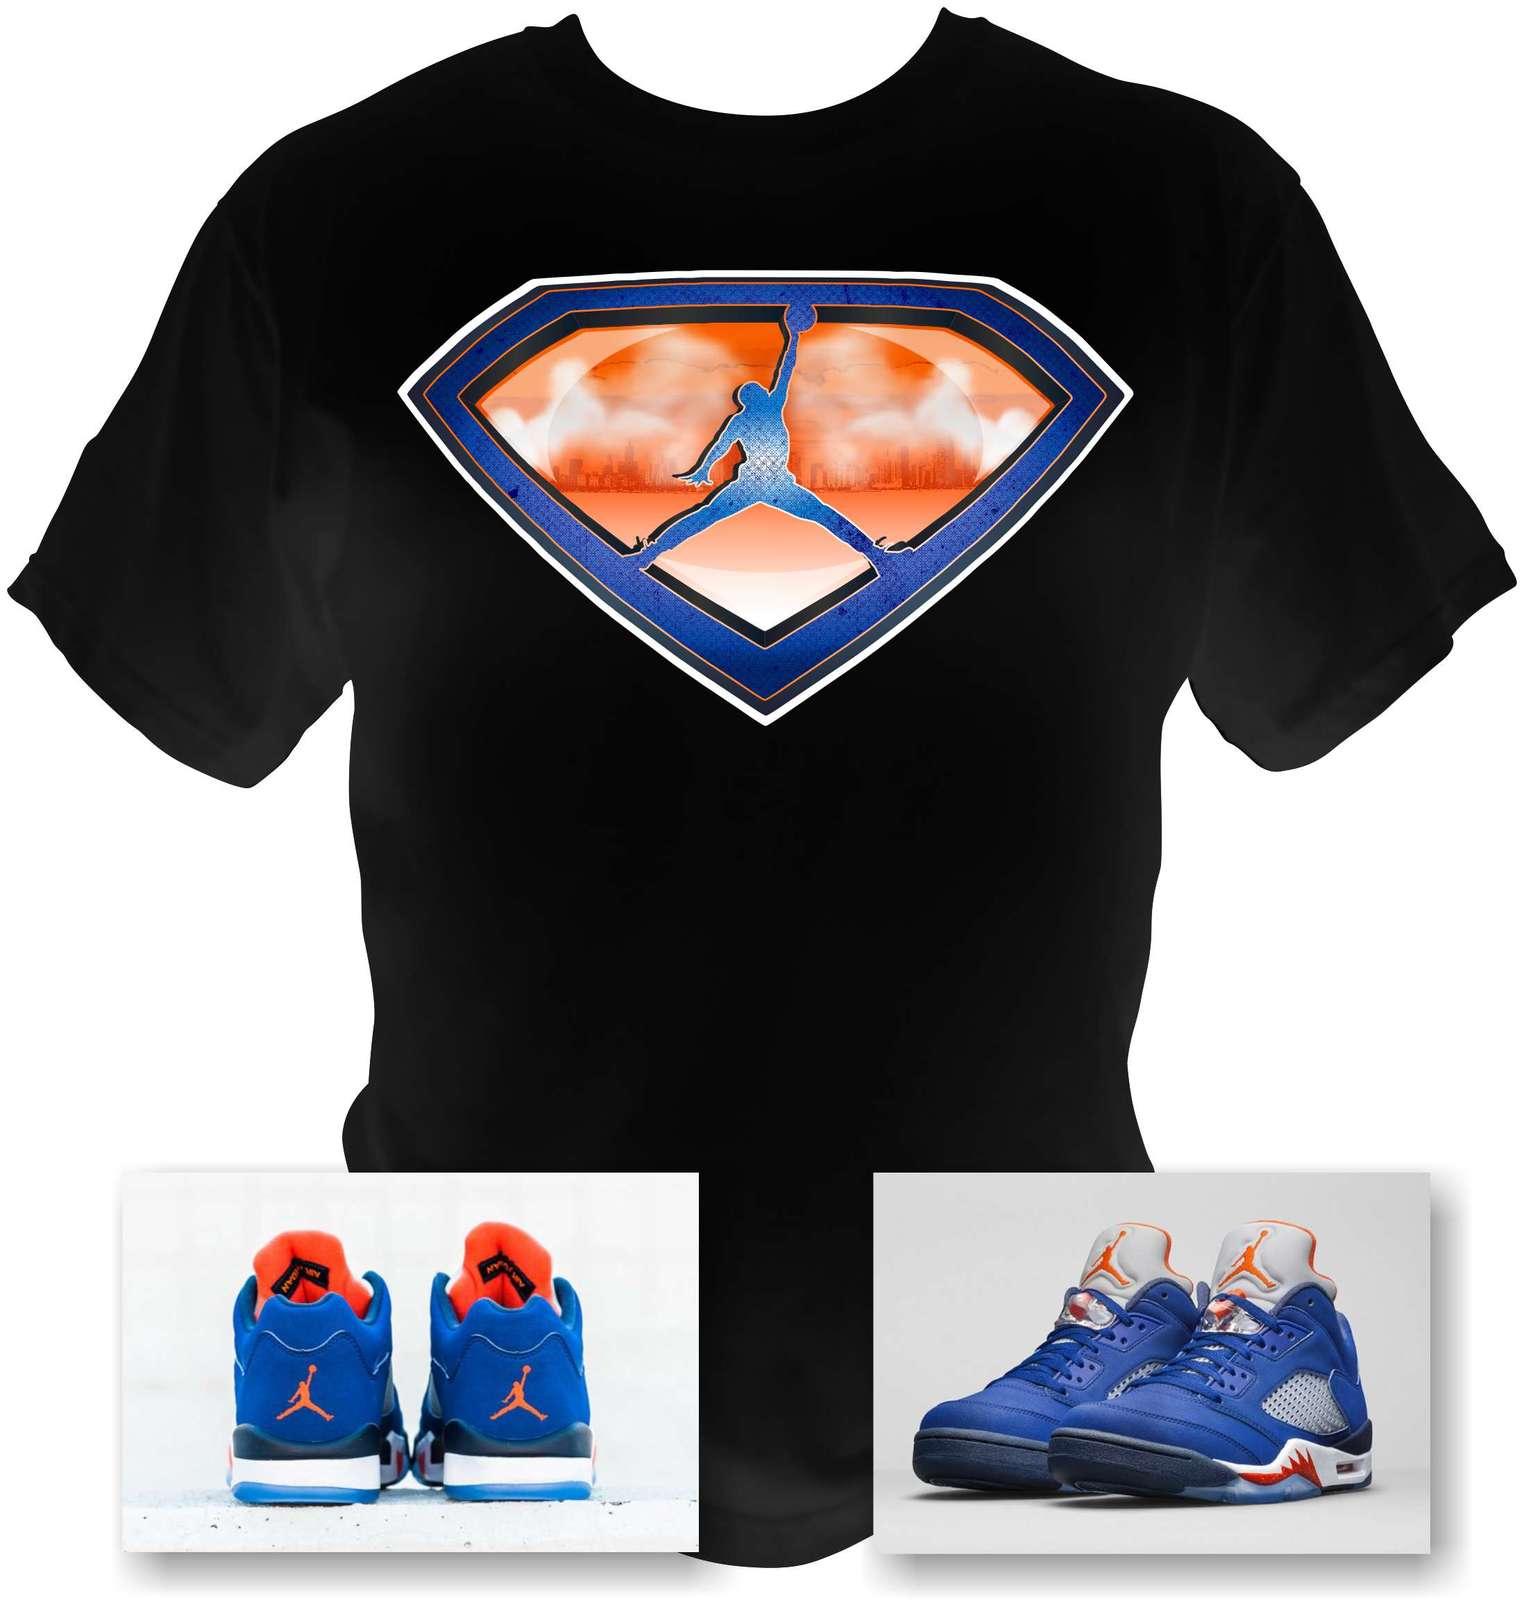 817c06994f7 Air Jordan 5 Low Knicks black T-Shirt and 50 similar items